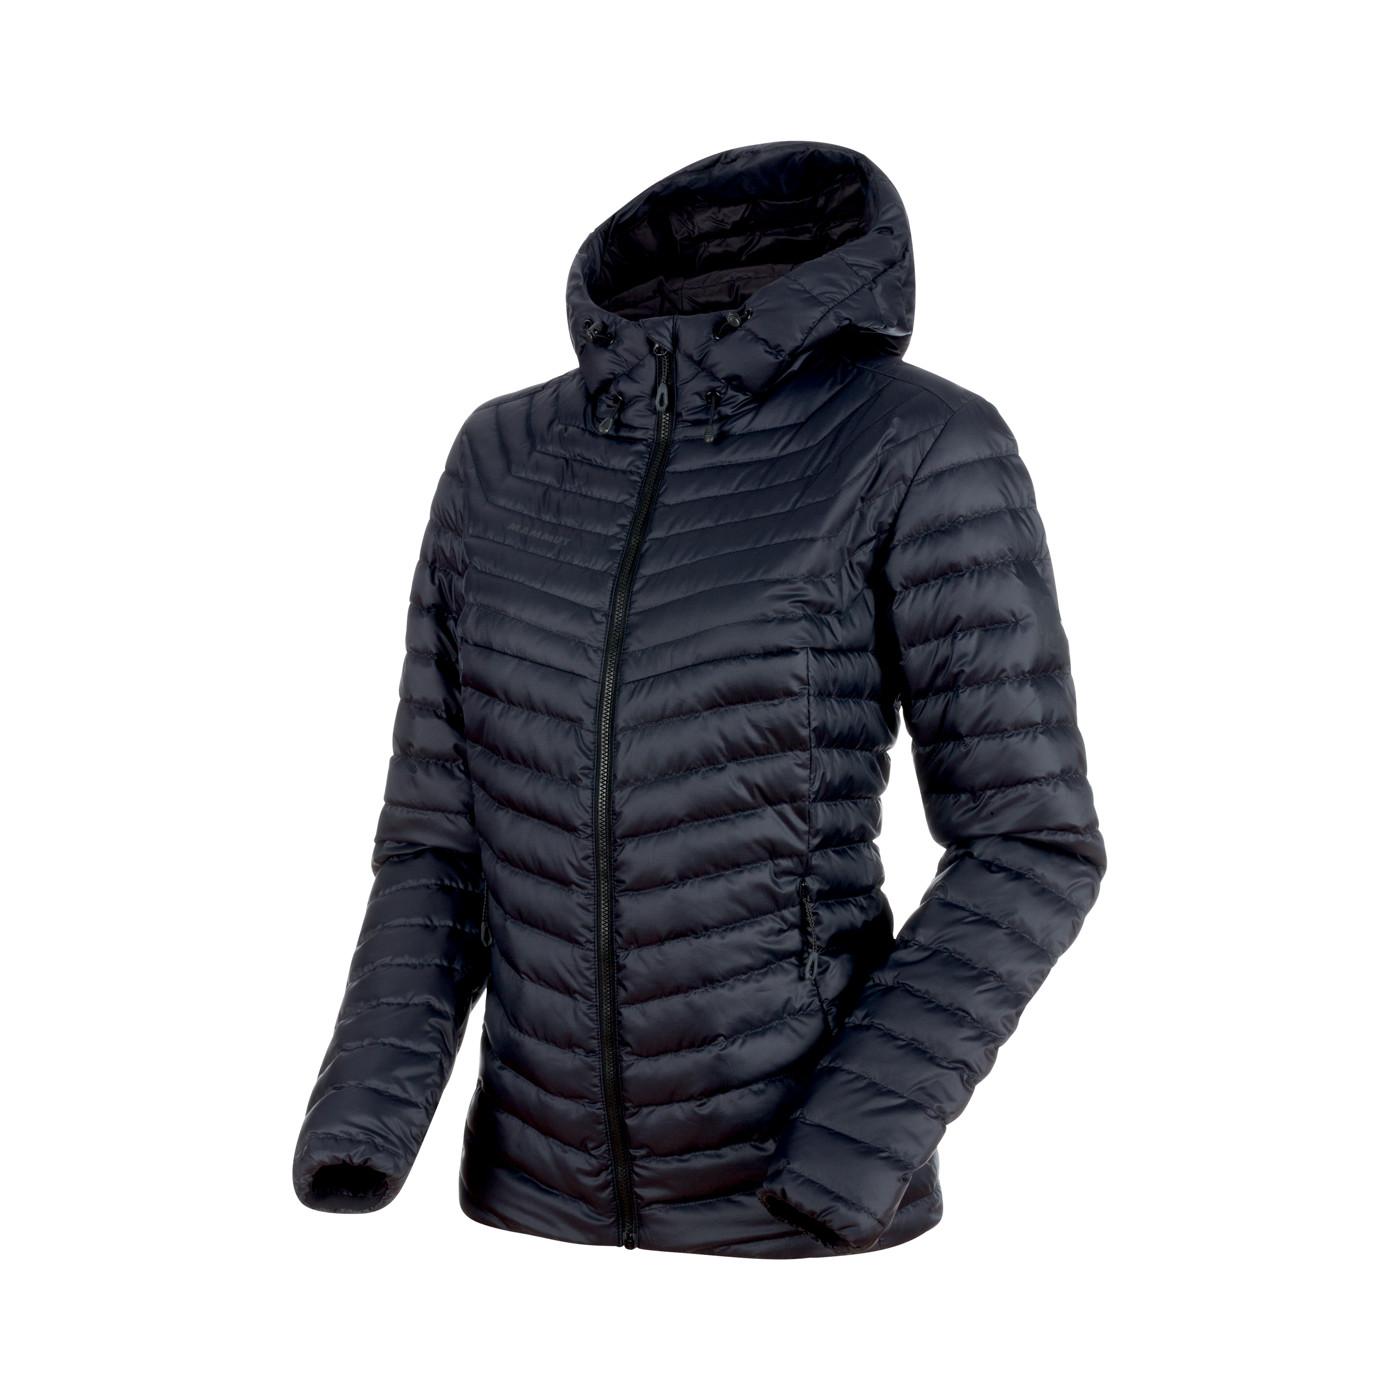 MAMMUT Convey IN Hooded Jacket - Damen